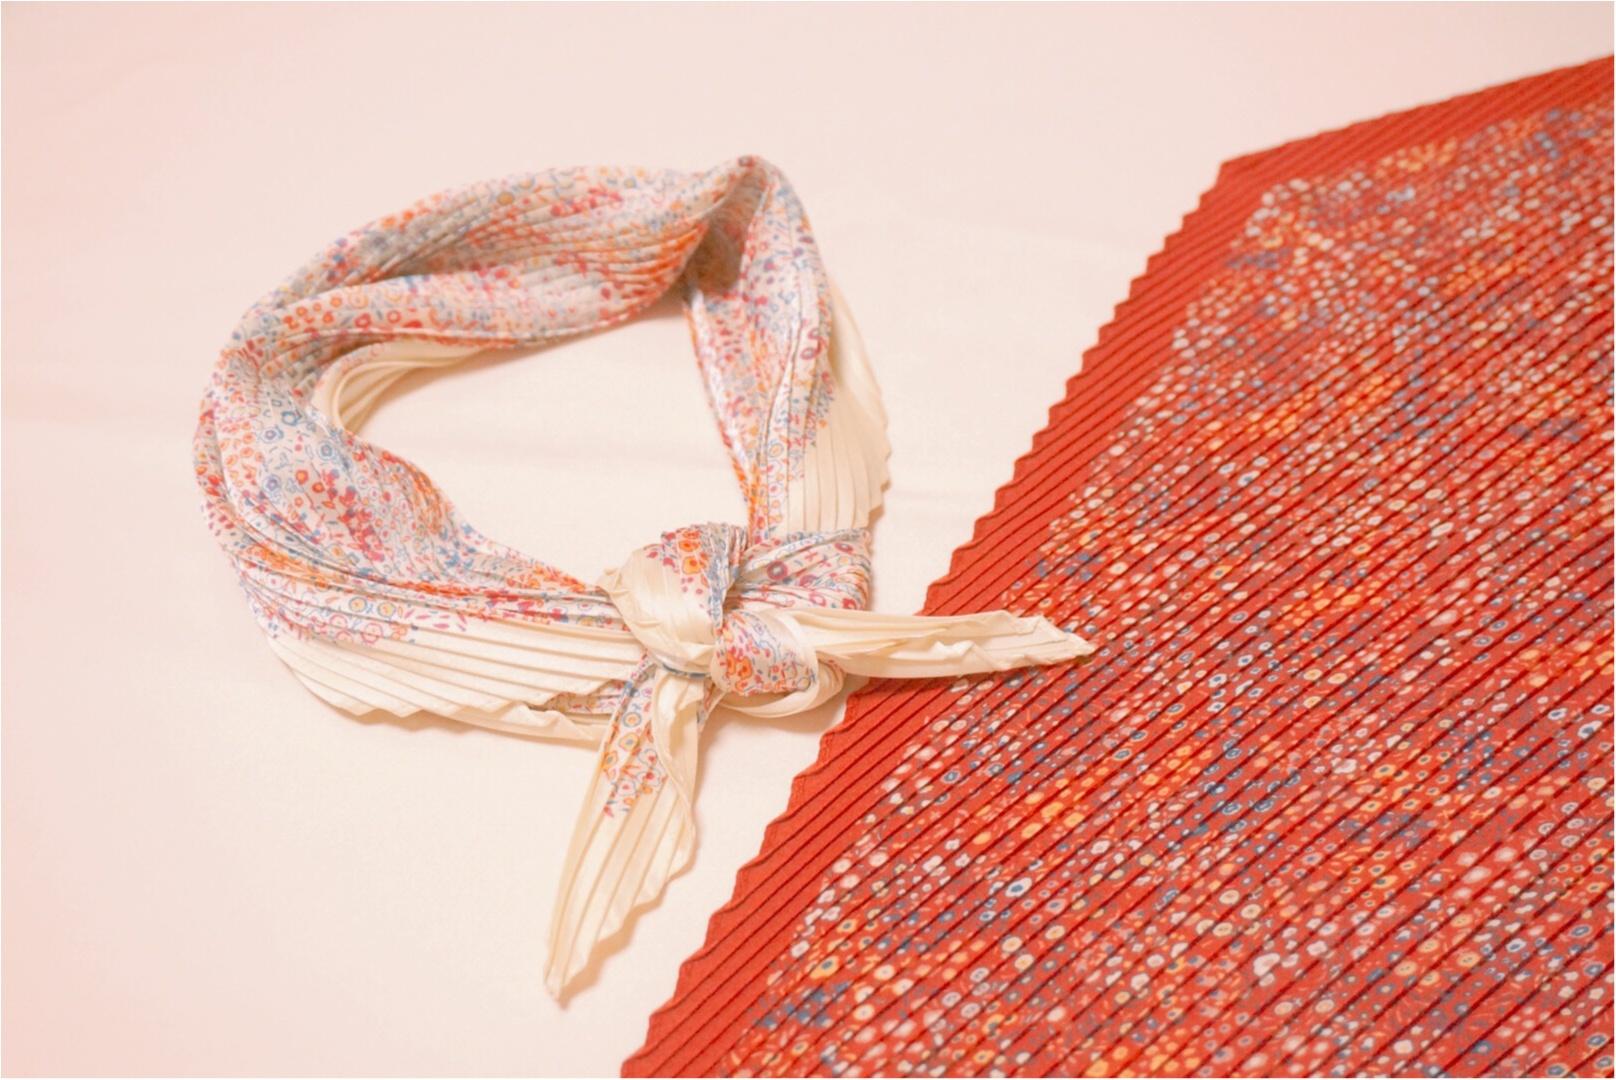 《もうGETした?》春に向けて手に入れたい‼︎プチプラなのに高見えな『シルキープリーツスカーフ』が【ユニクロ】で590円✨_1